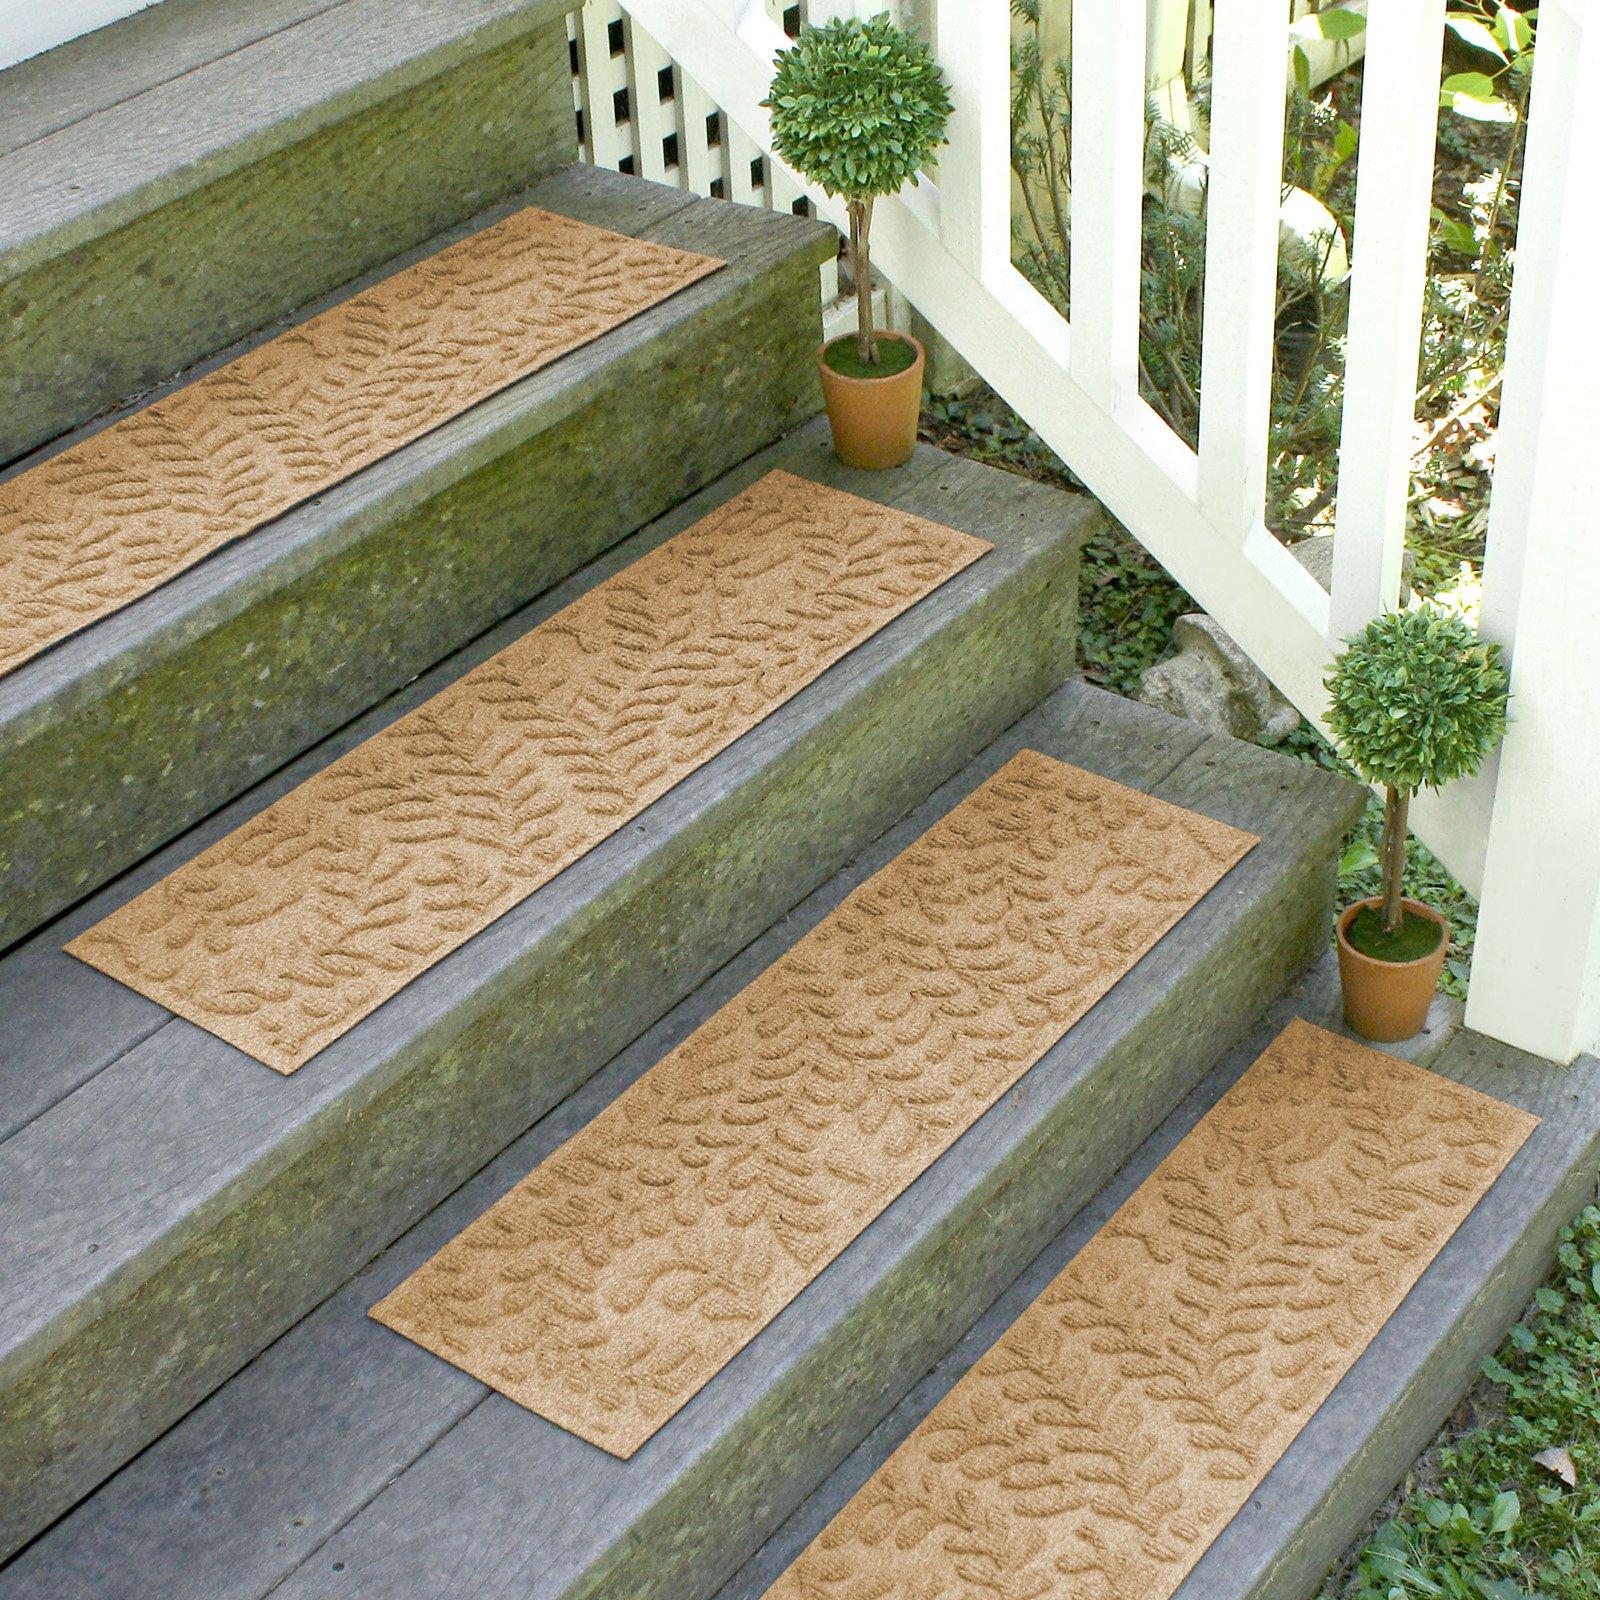 Bungalow Flooring Boxwood Indoor/Outdoor Stair Treads - Set of 4